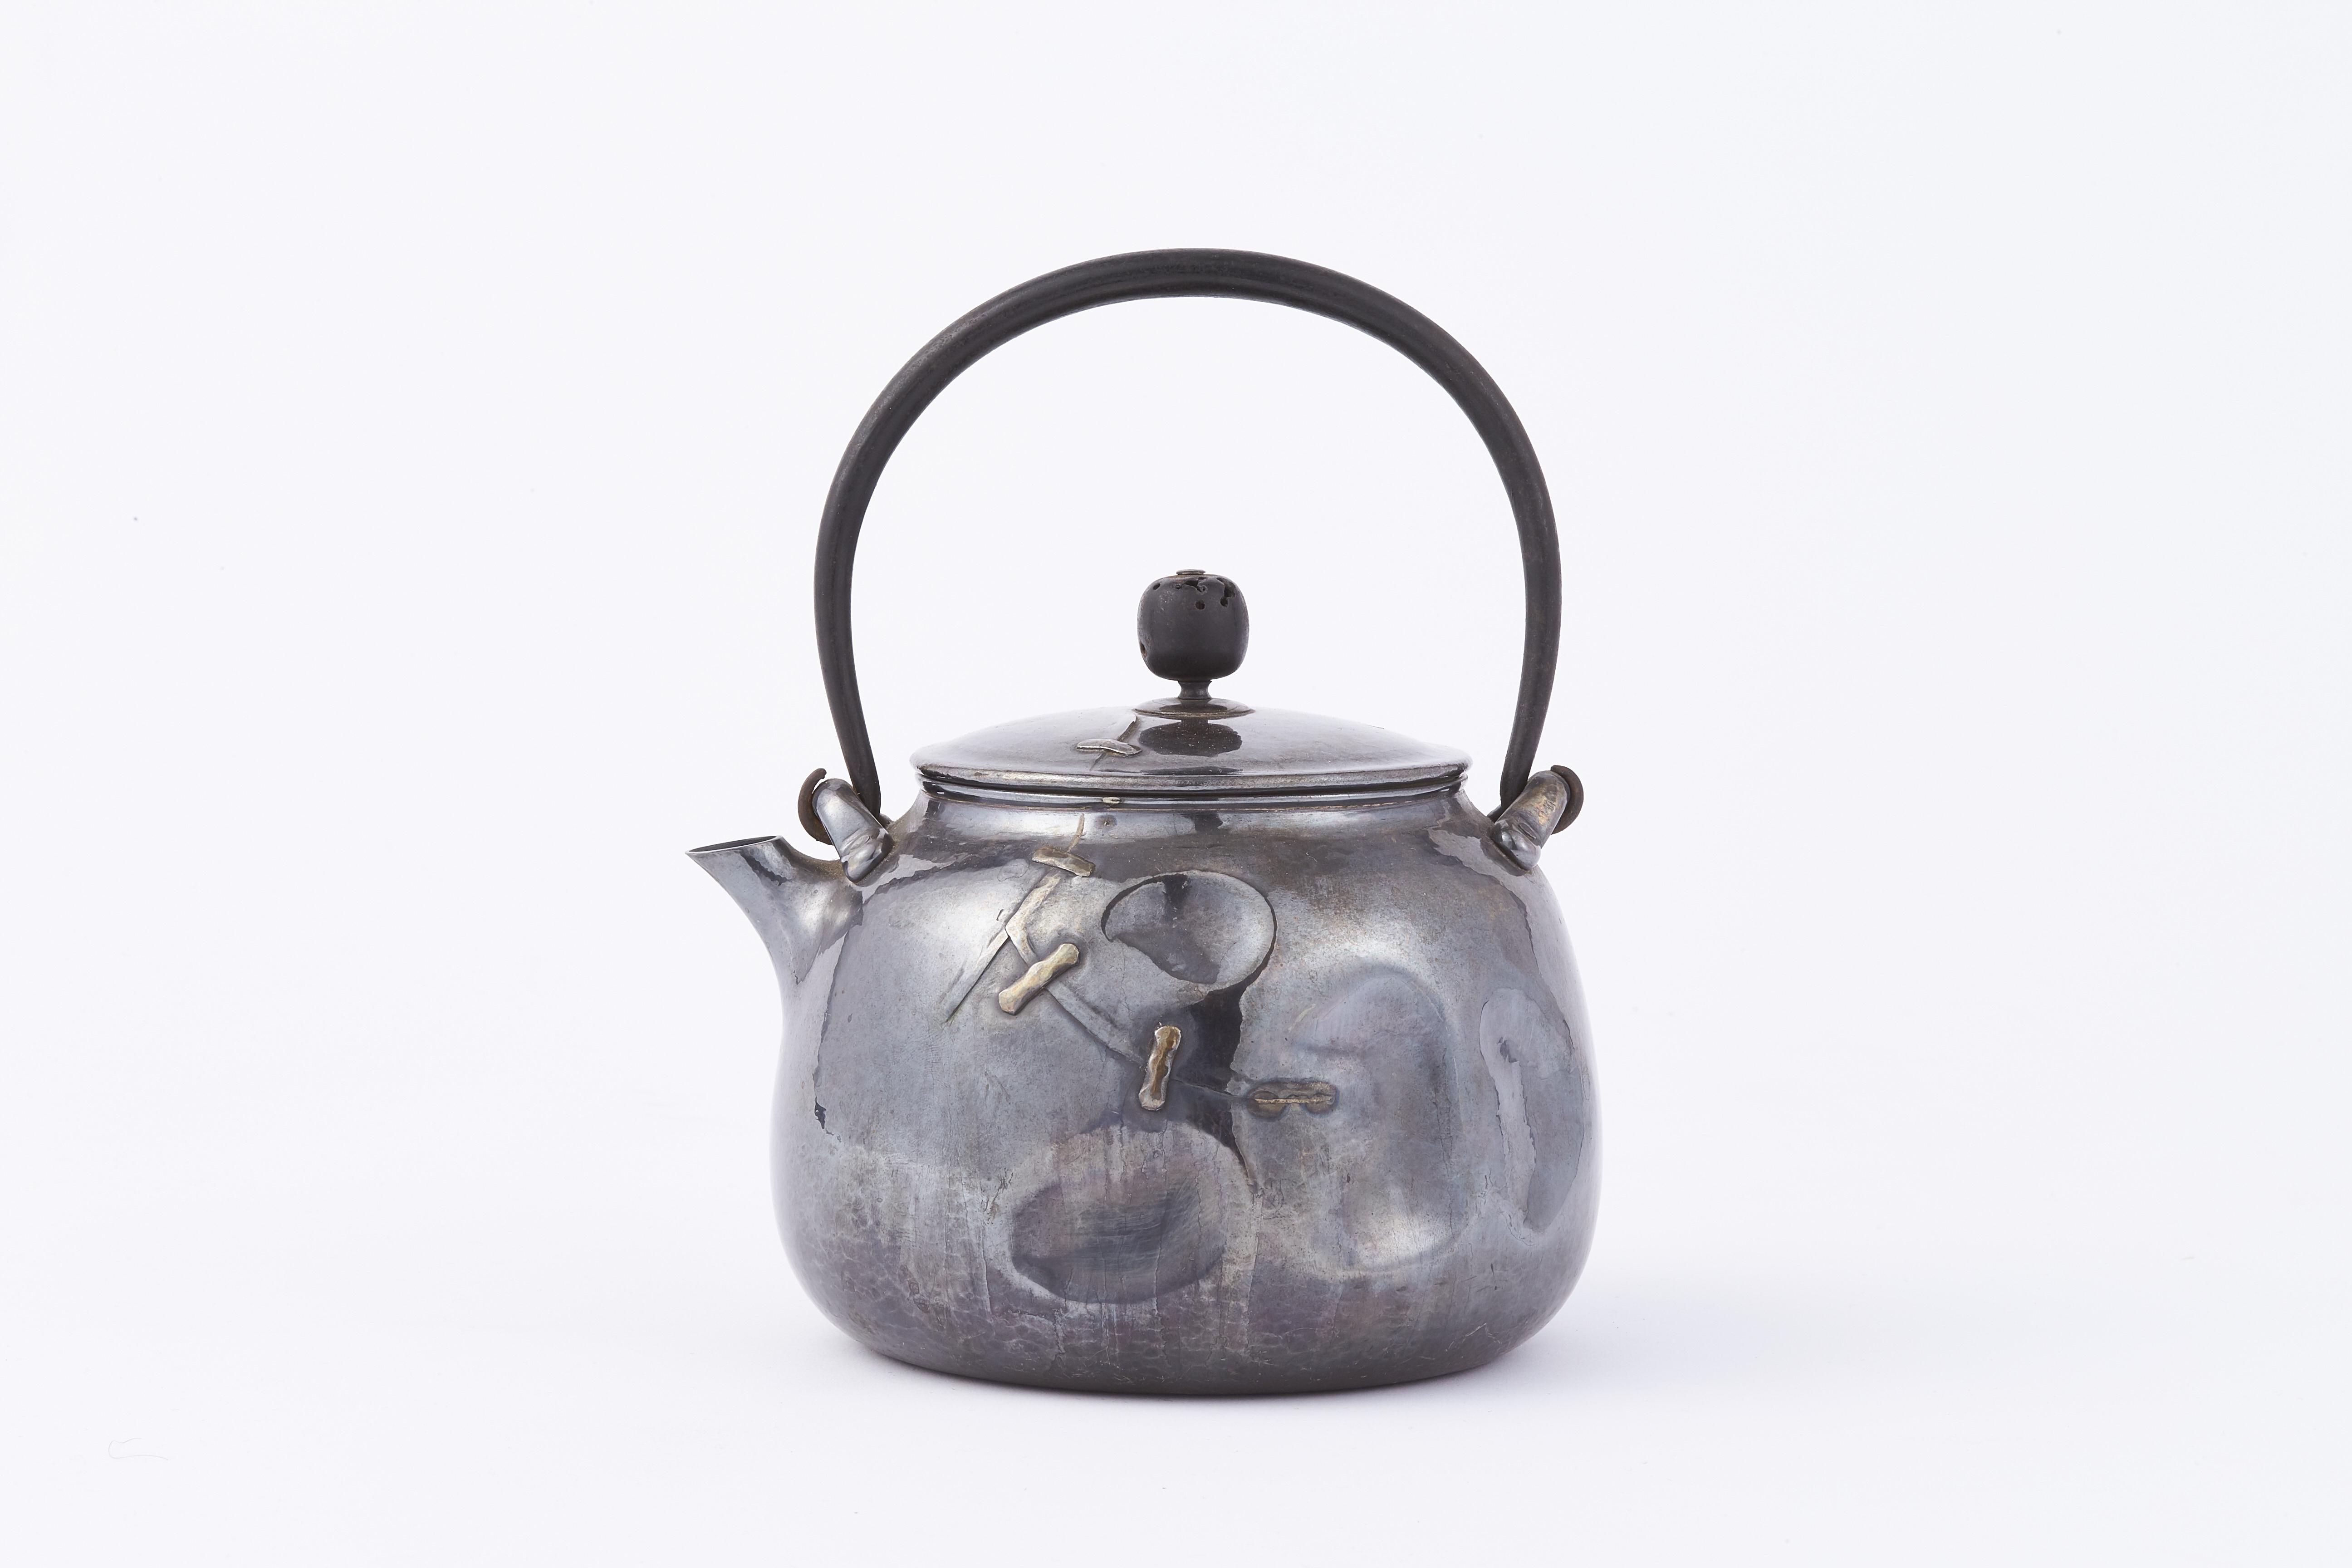 171586「北村静香」造 純銀 一塊打出 岩敷入鉄手 湯沸  500g